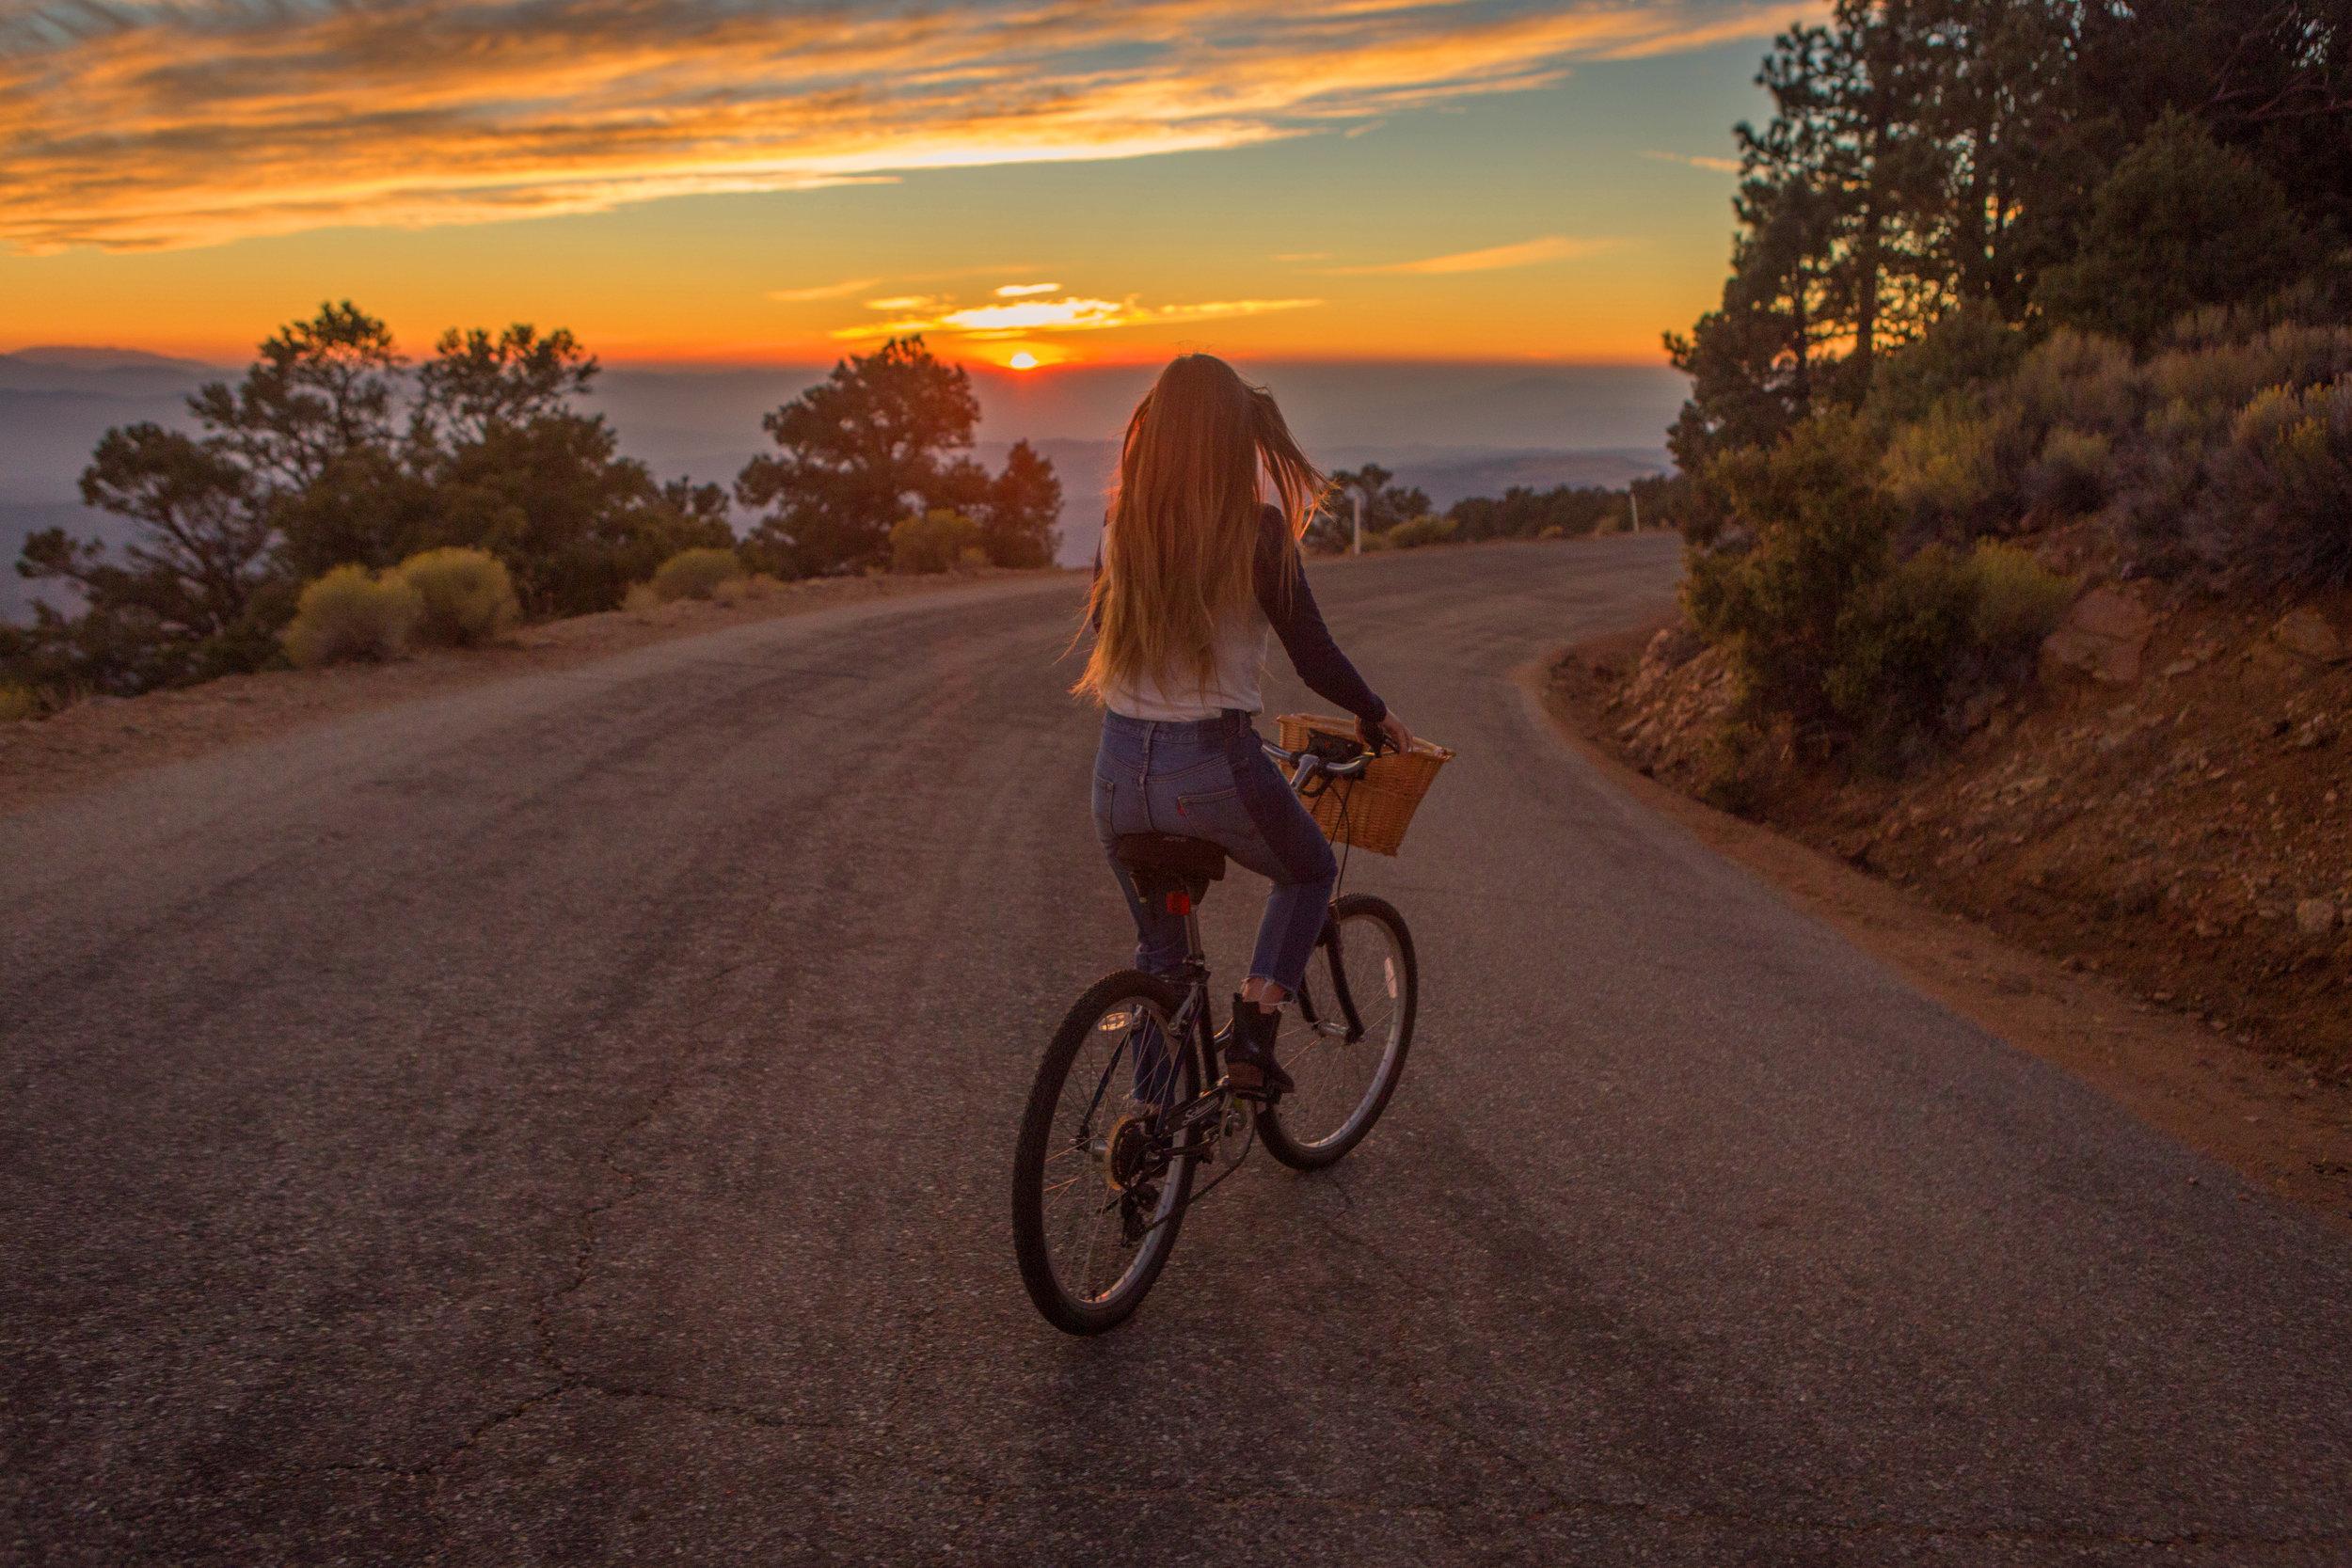 AstroBandit_JordanRose_Revere_Sunset_Bike_Ride_California_Mountains_2.jpg